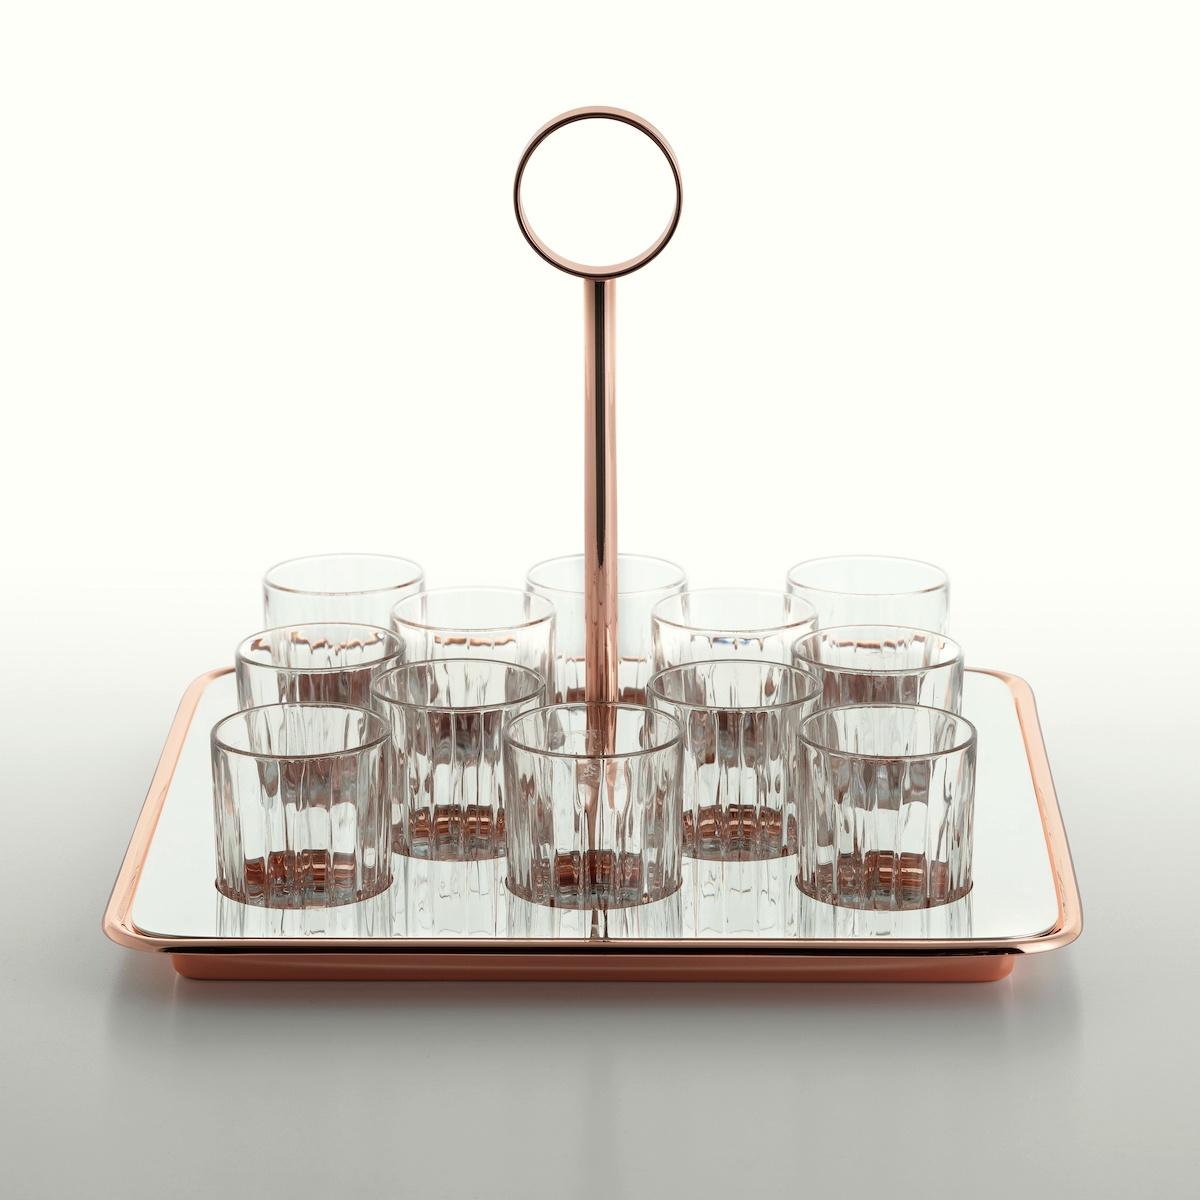 liquor-set-zanetto-best-seller-sep-2020